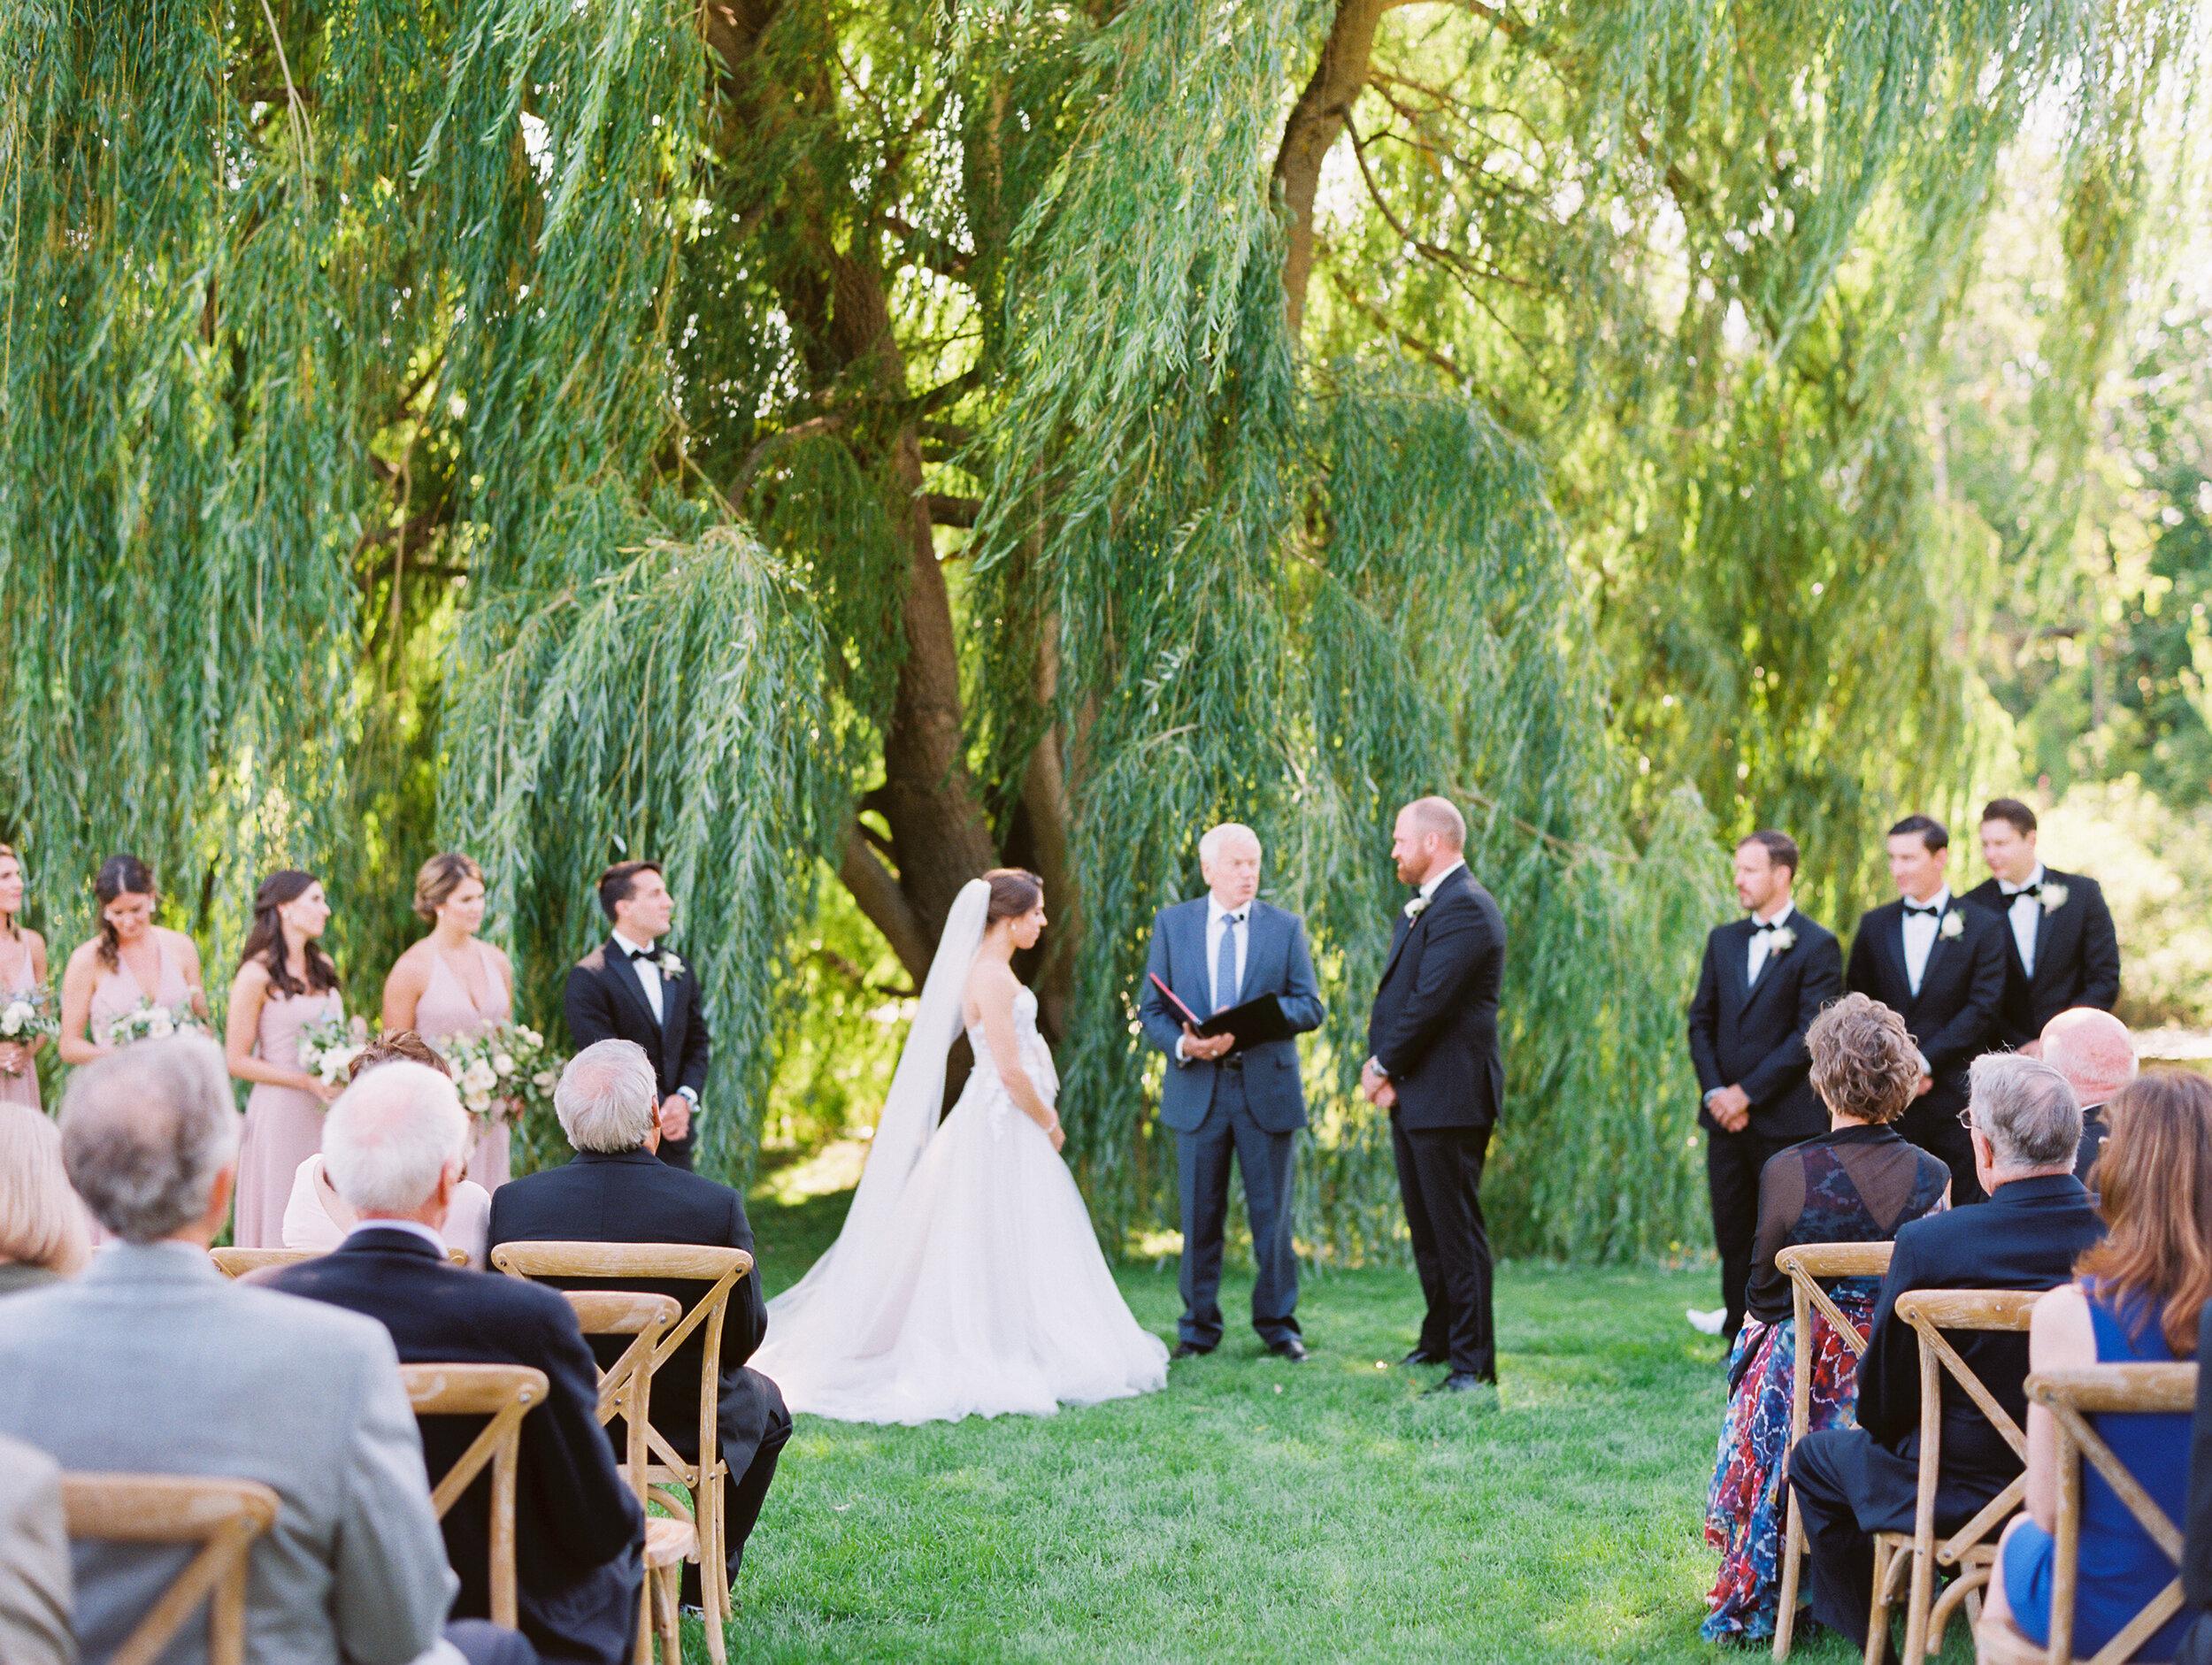 Steinlage+Wedding+Ceremony-161.jpg